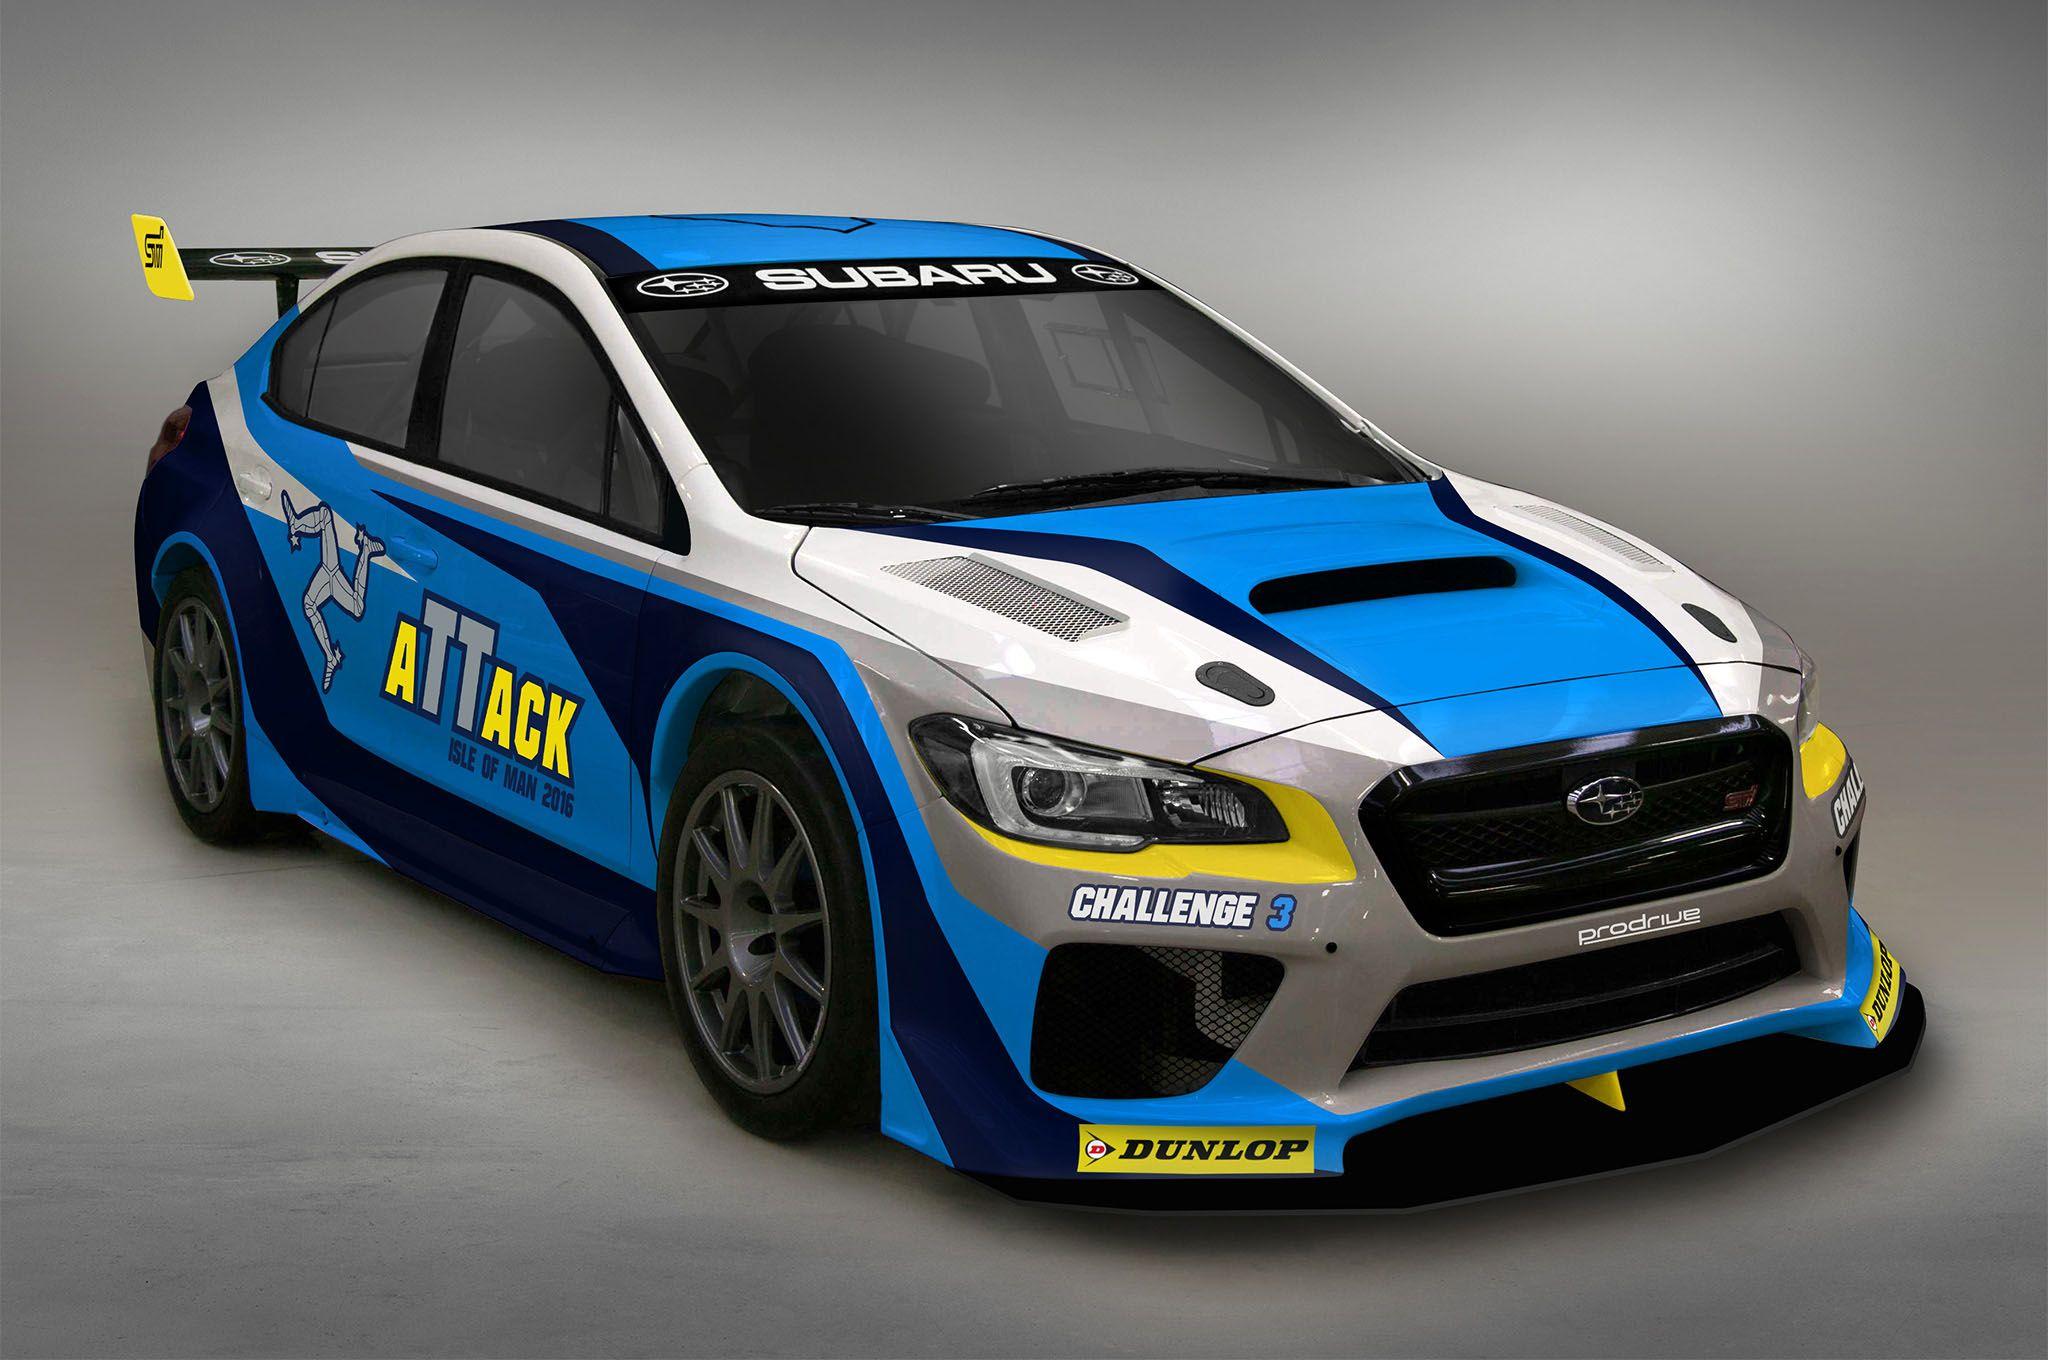 Subaru Race Car >> Image For 2016 Subaru Wrx Sti Race Car Wallpaper